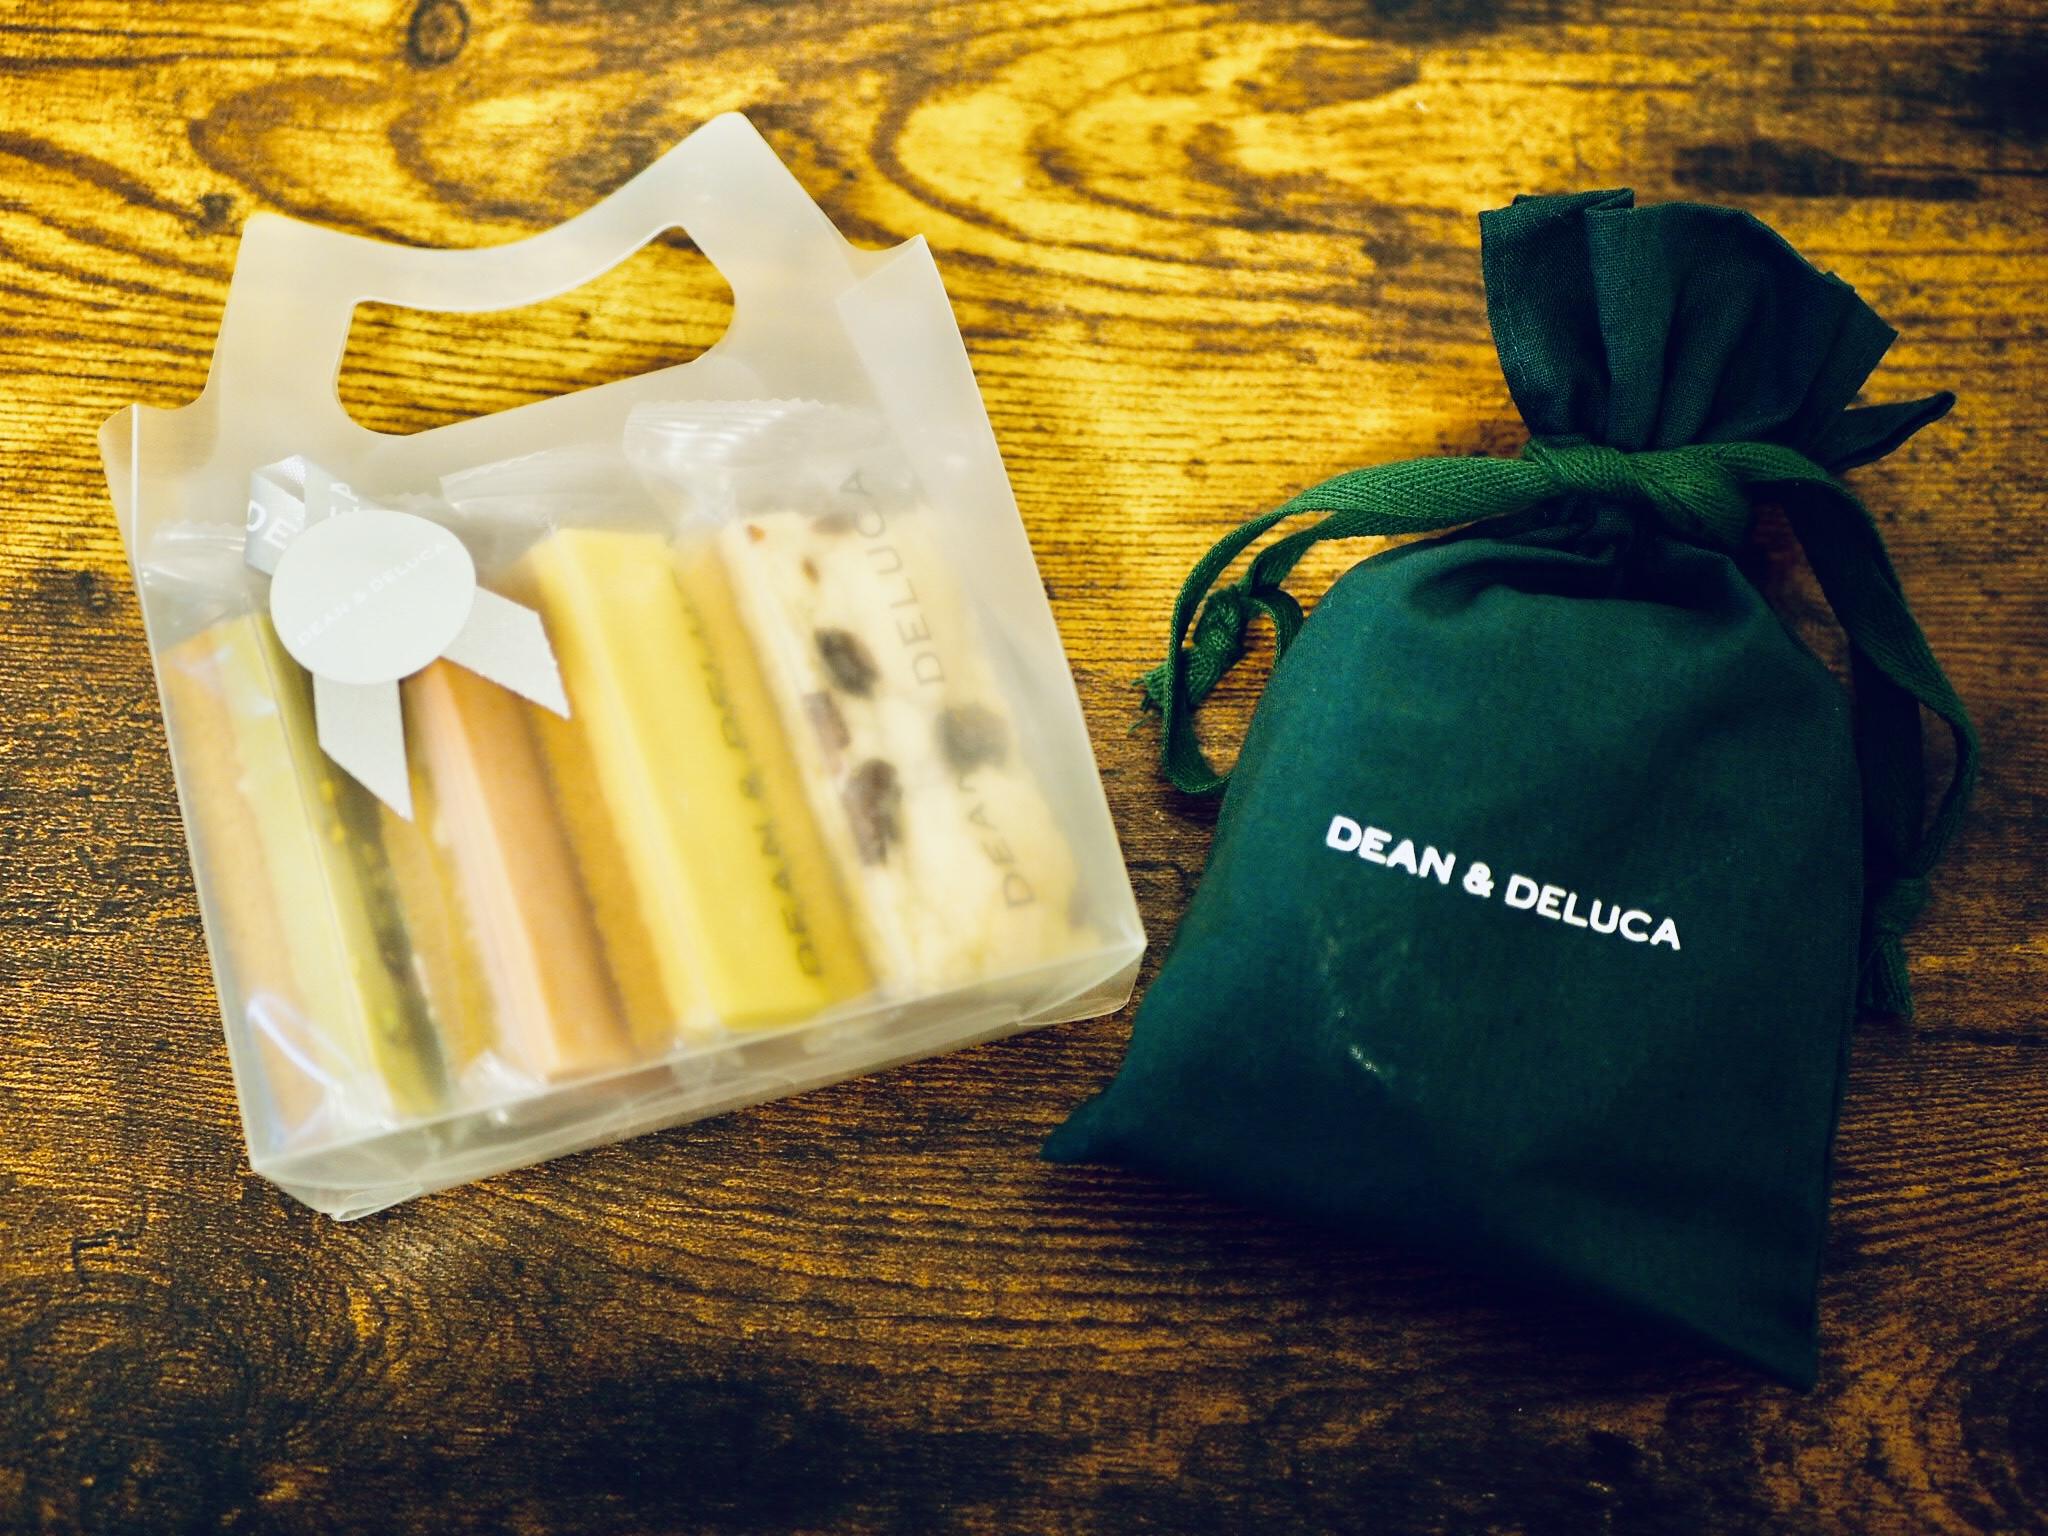 【DEAN & DELUCA】のお洒落で可愛いプチお菓子ギフト♡_1